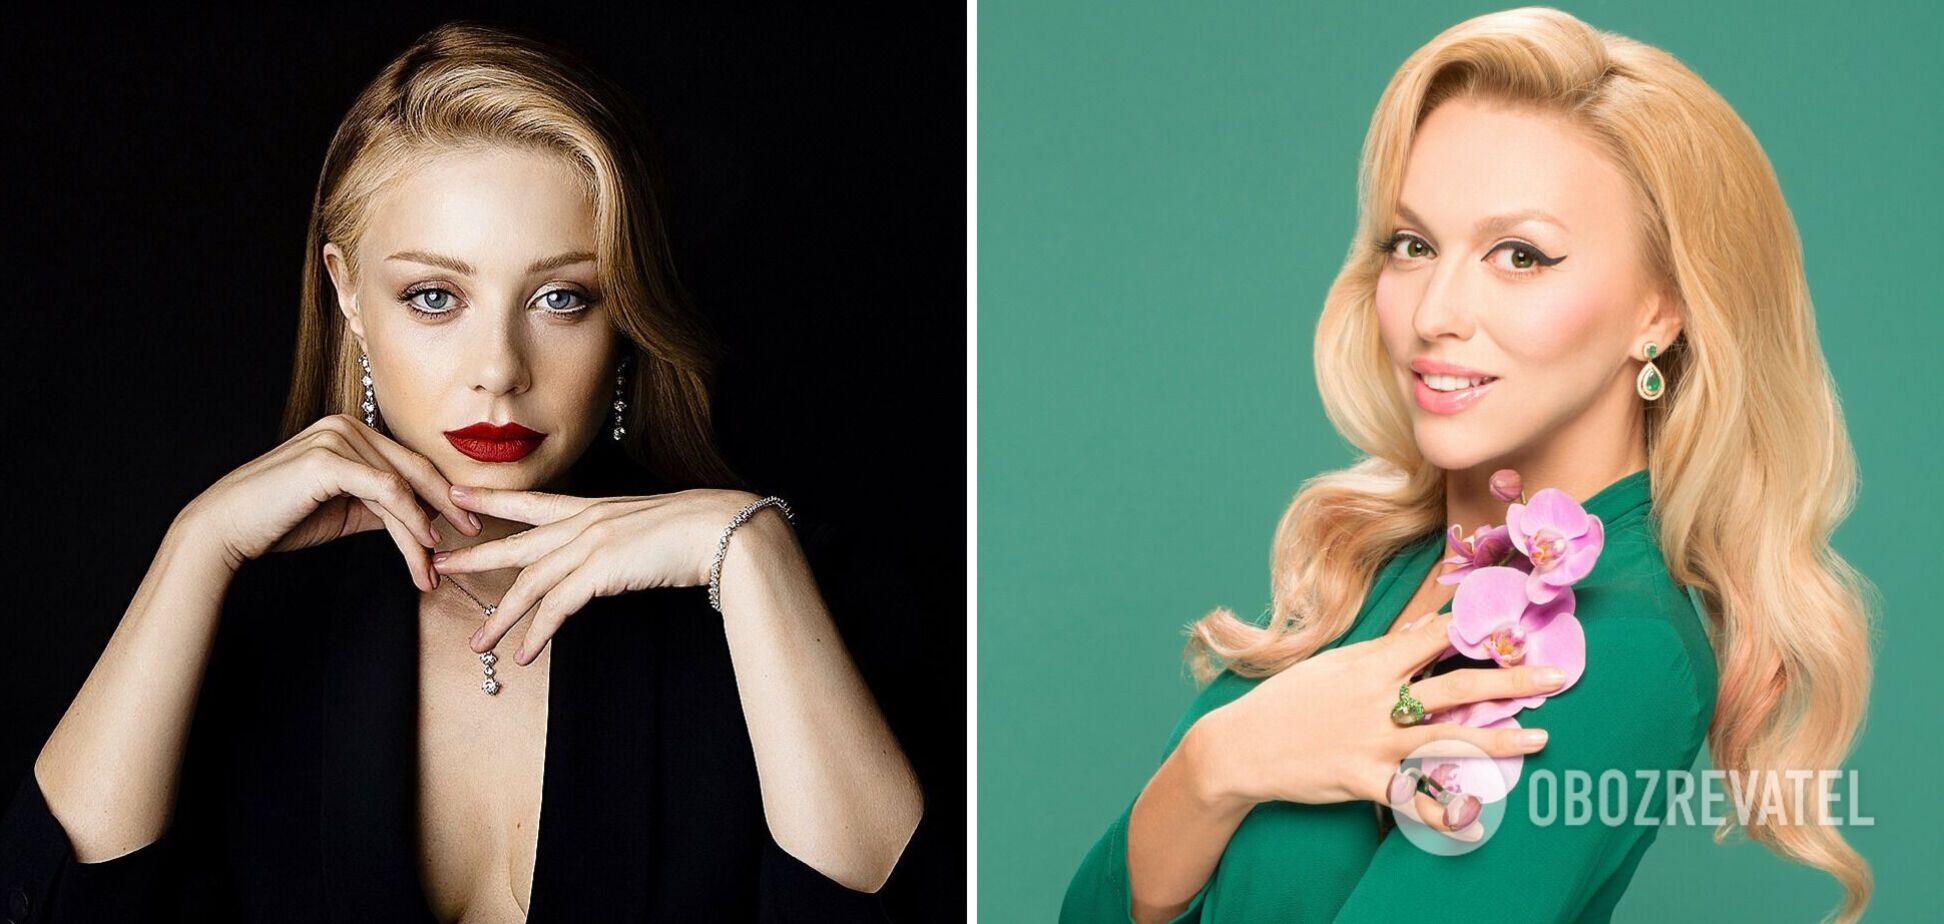 Кароль vs Полякова: найгарячіші фото головних блондинок України